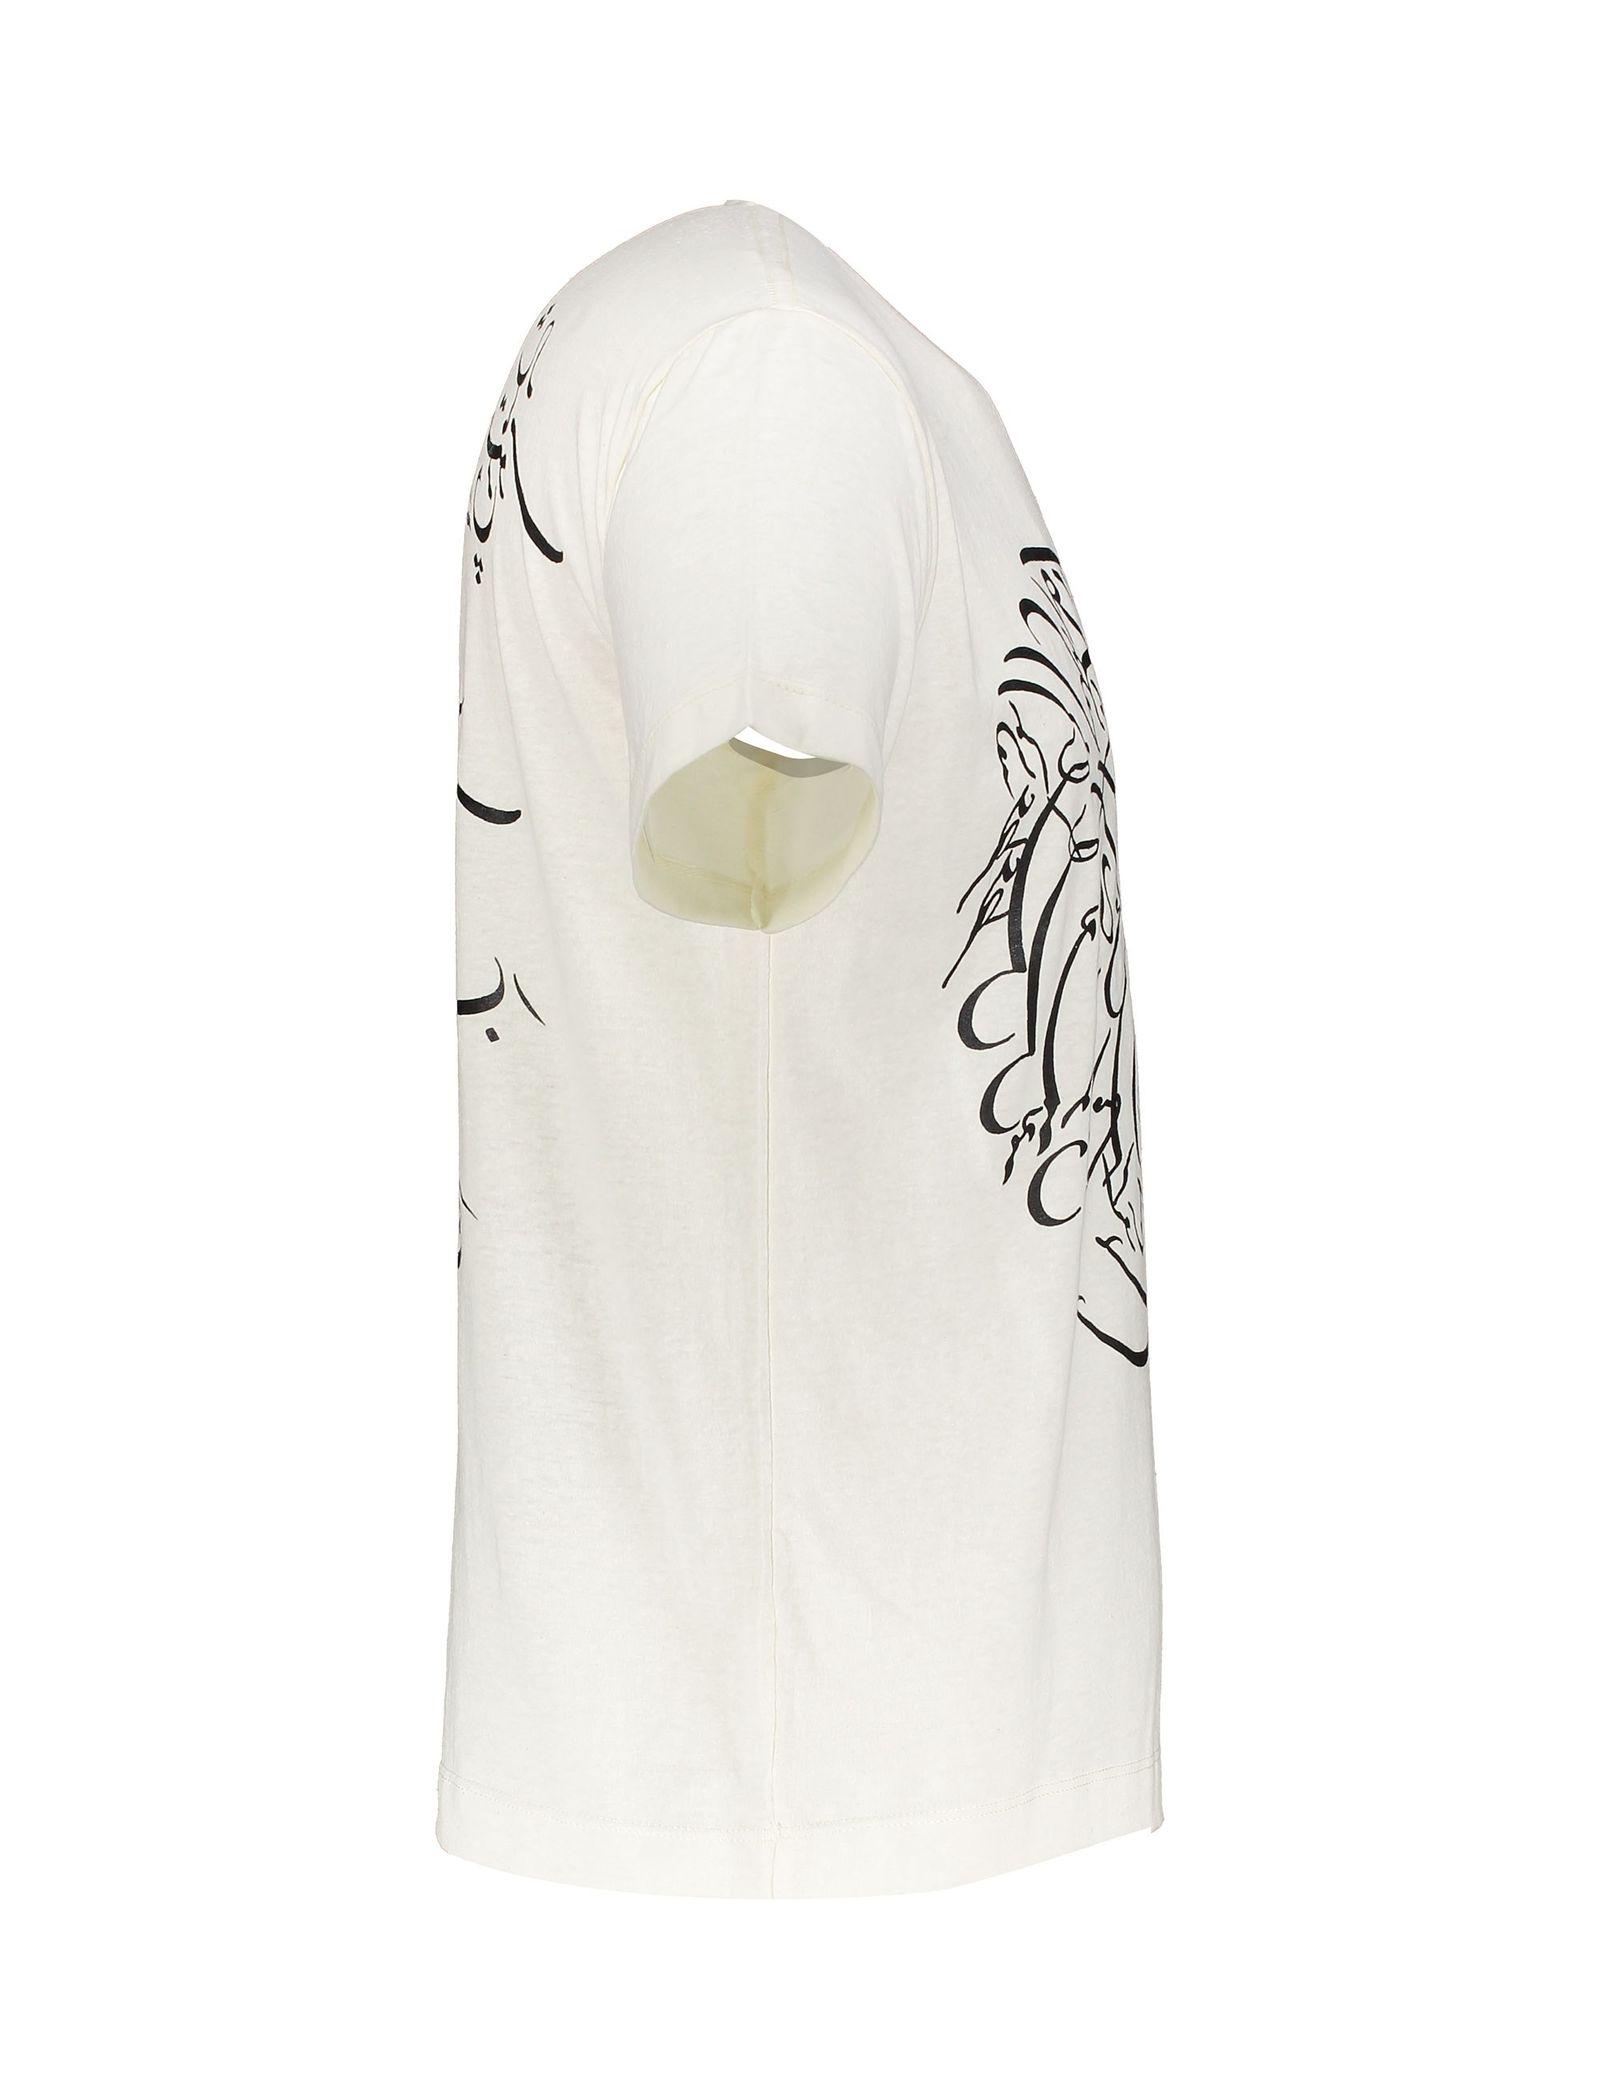 تی شرت یقه گرد مردانه - متی - سفيد وانيلي - 4